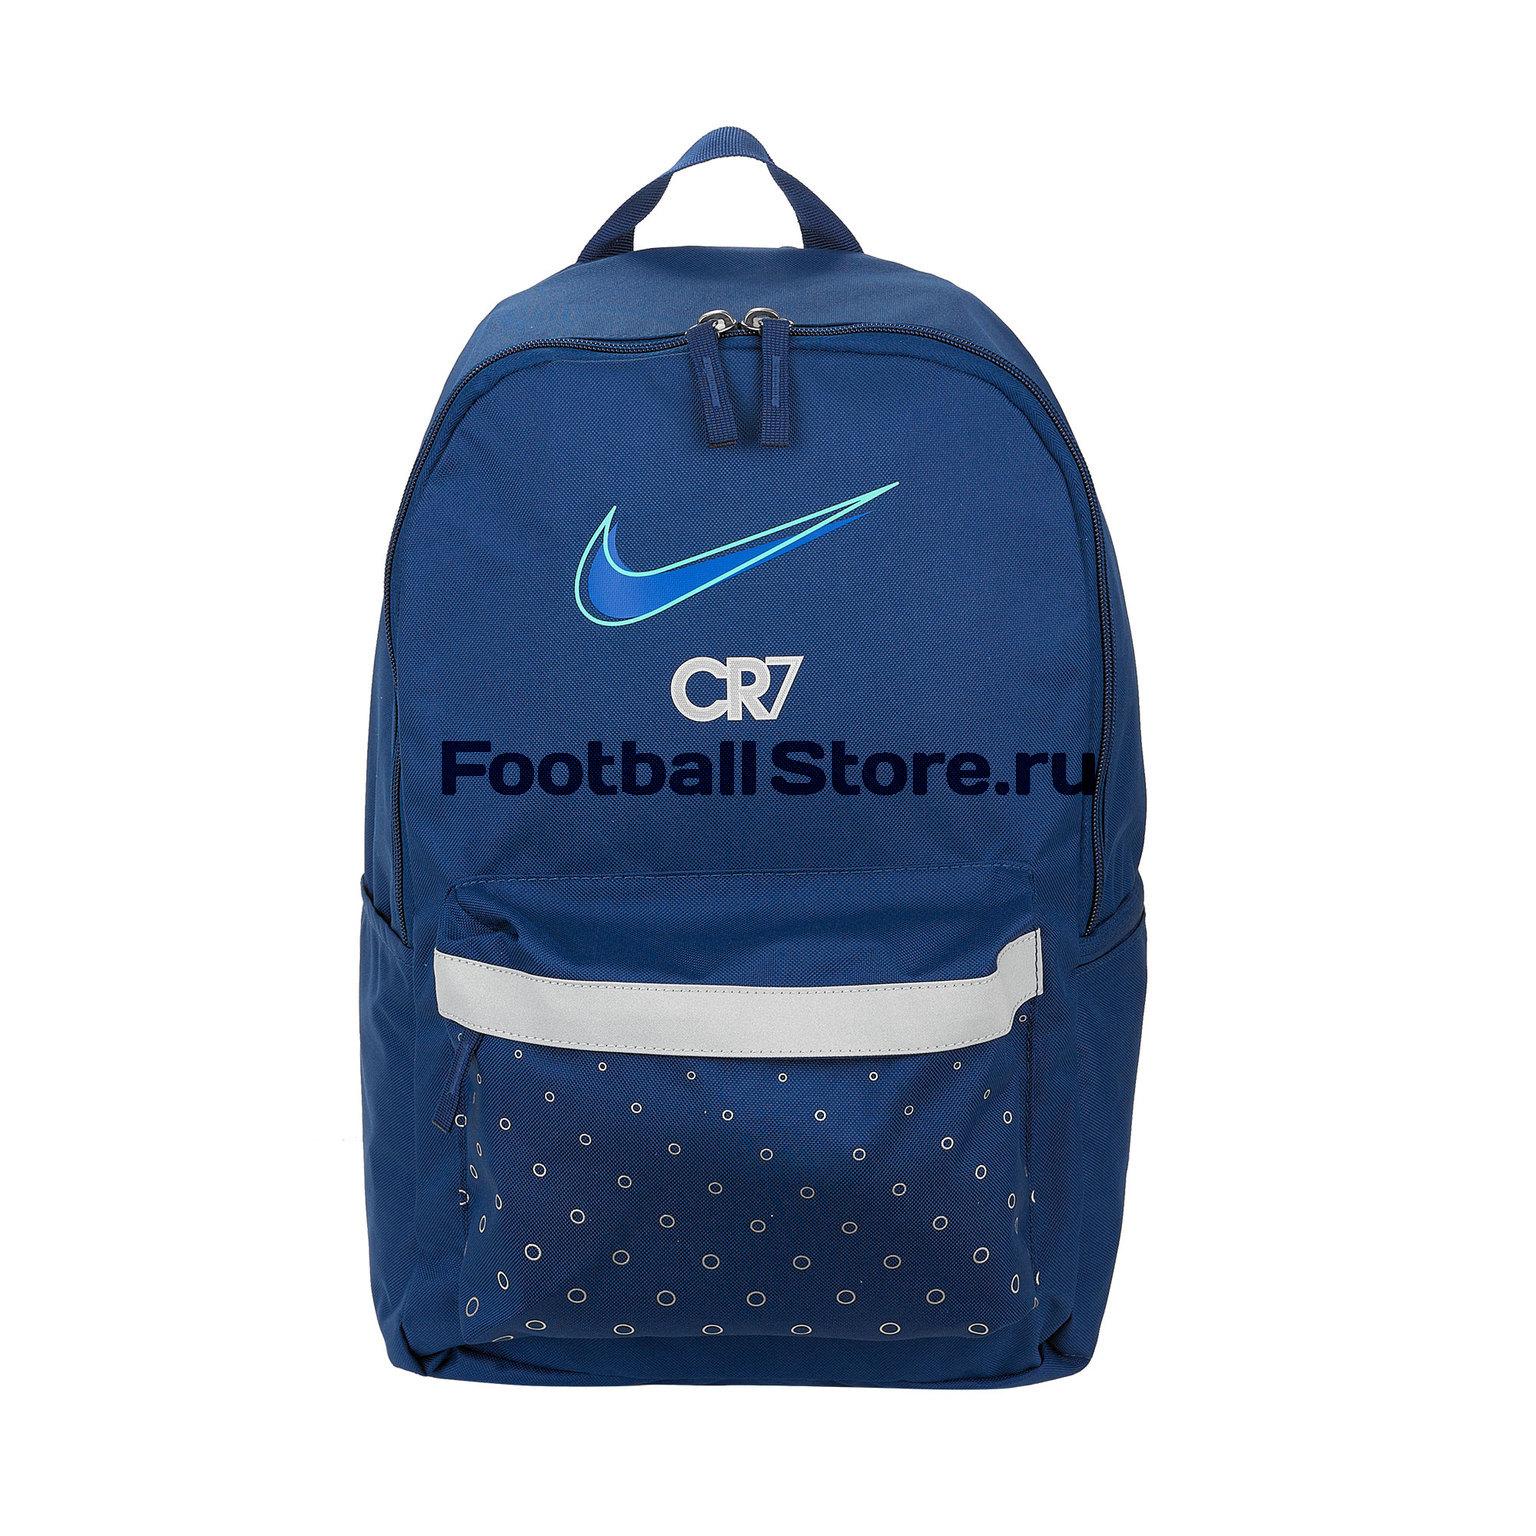 Рюкзак Nike CR7 Backpack BA6409-492 рюкзак nike nike ni464bghusy0